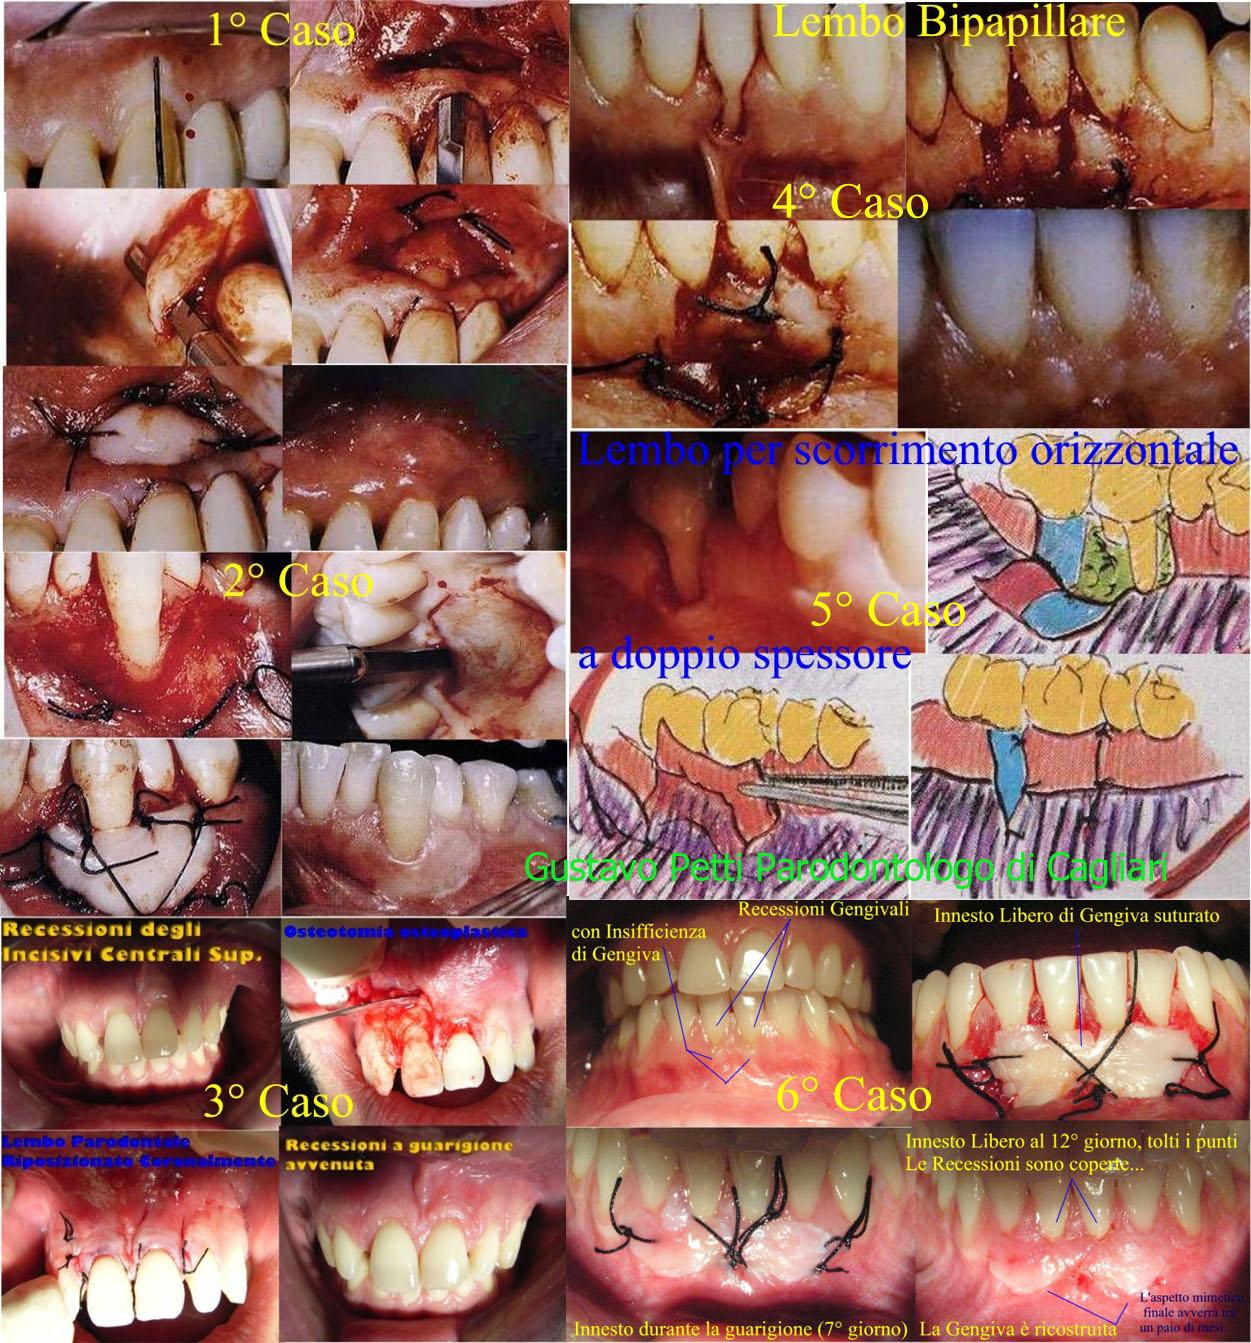 petti-gustavo-parodontologo-ca-recessioni-26.jpg